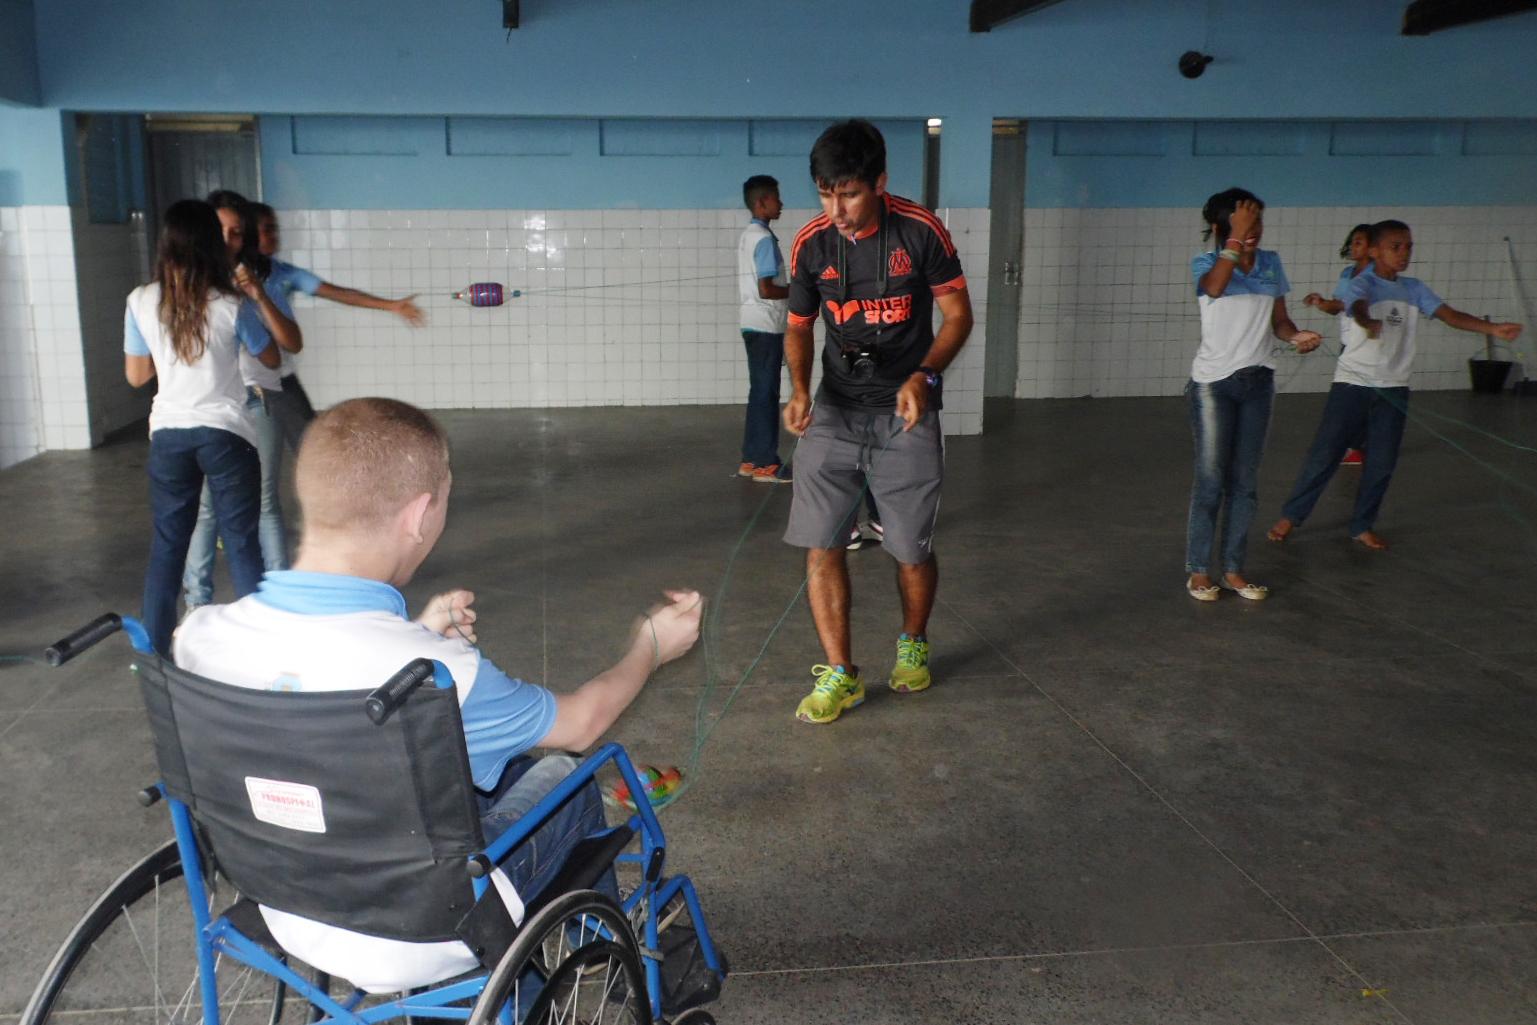 Alunos e o professor de educação física brincam com balangandã no pátio da escola.